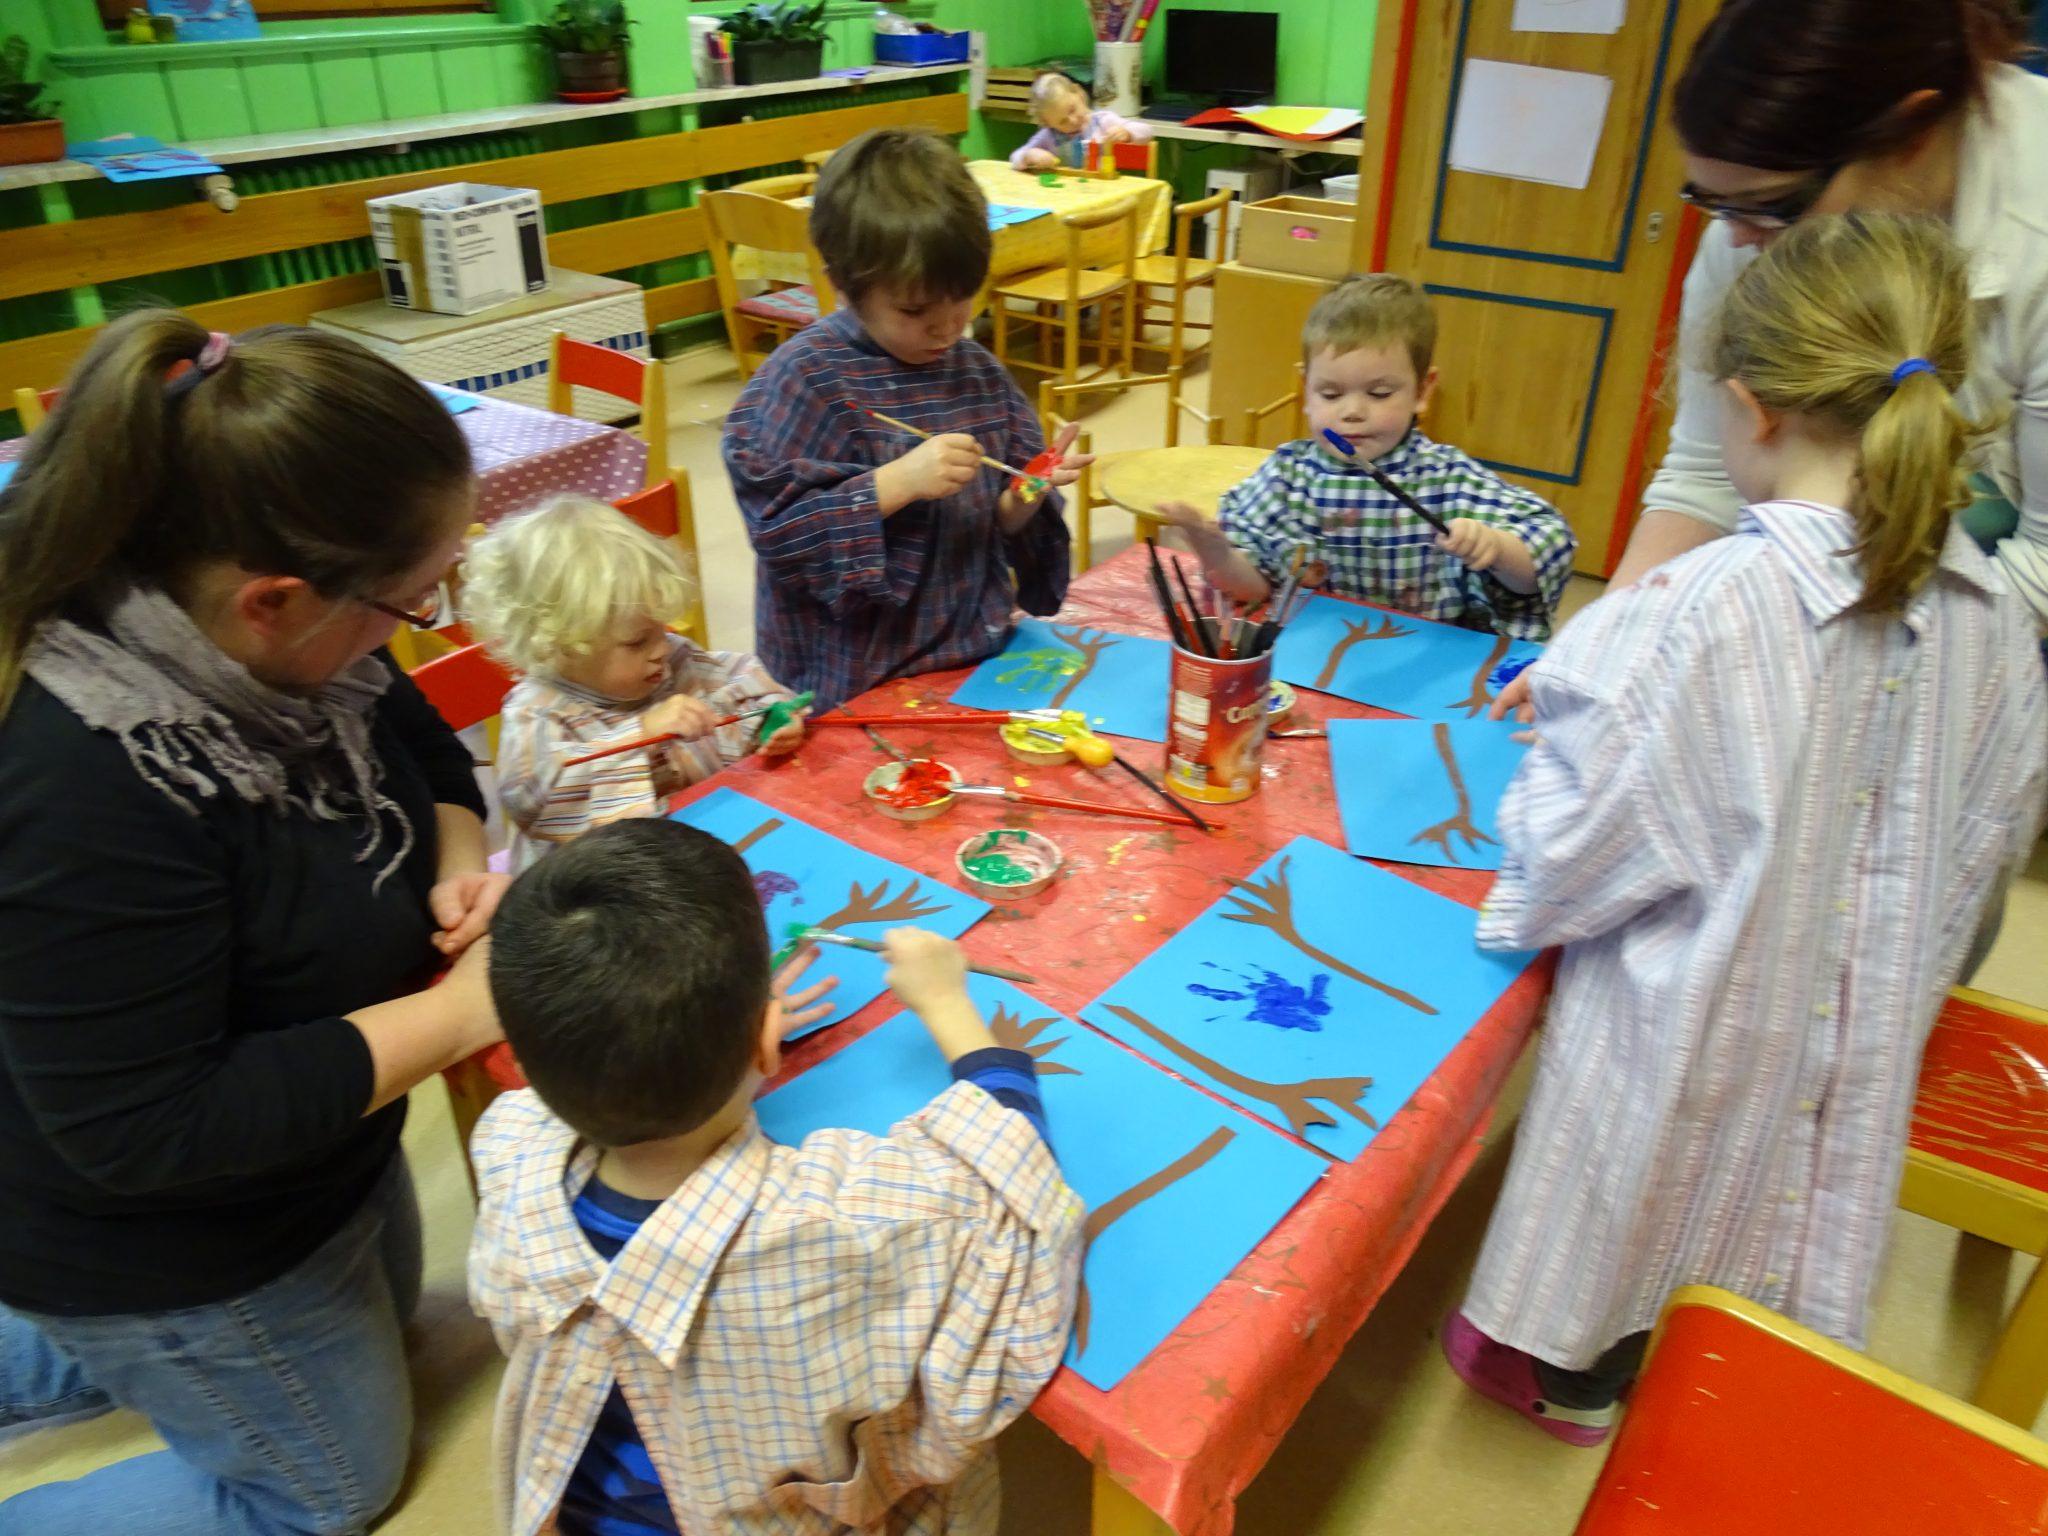 Lebendiger Advent Im Drk Kindergarten Neuhof - Drk verwandt mit Adventszeit Im Kindergarten Gestalten